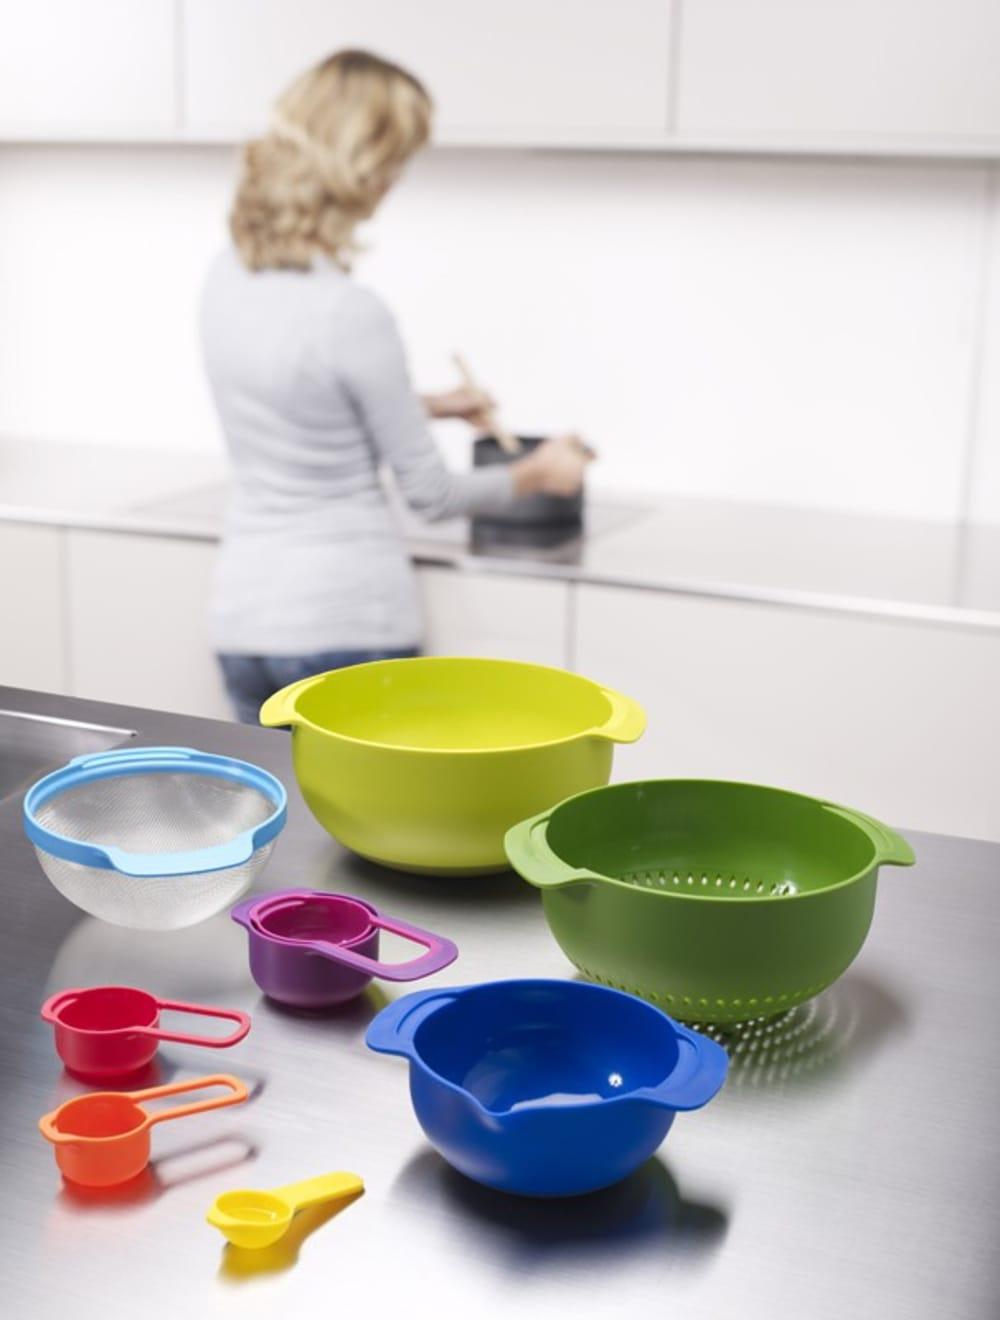 Zestaw przyrządów kuchennych 9-częśćowy JOSEPH